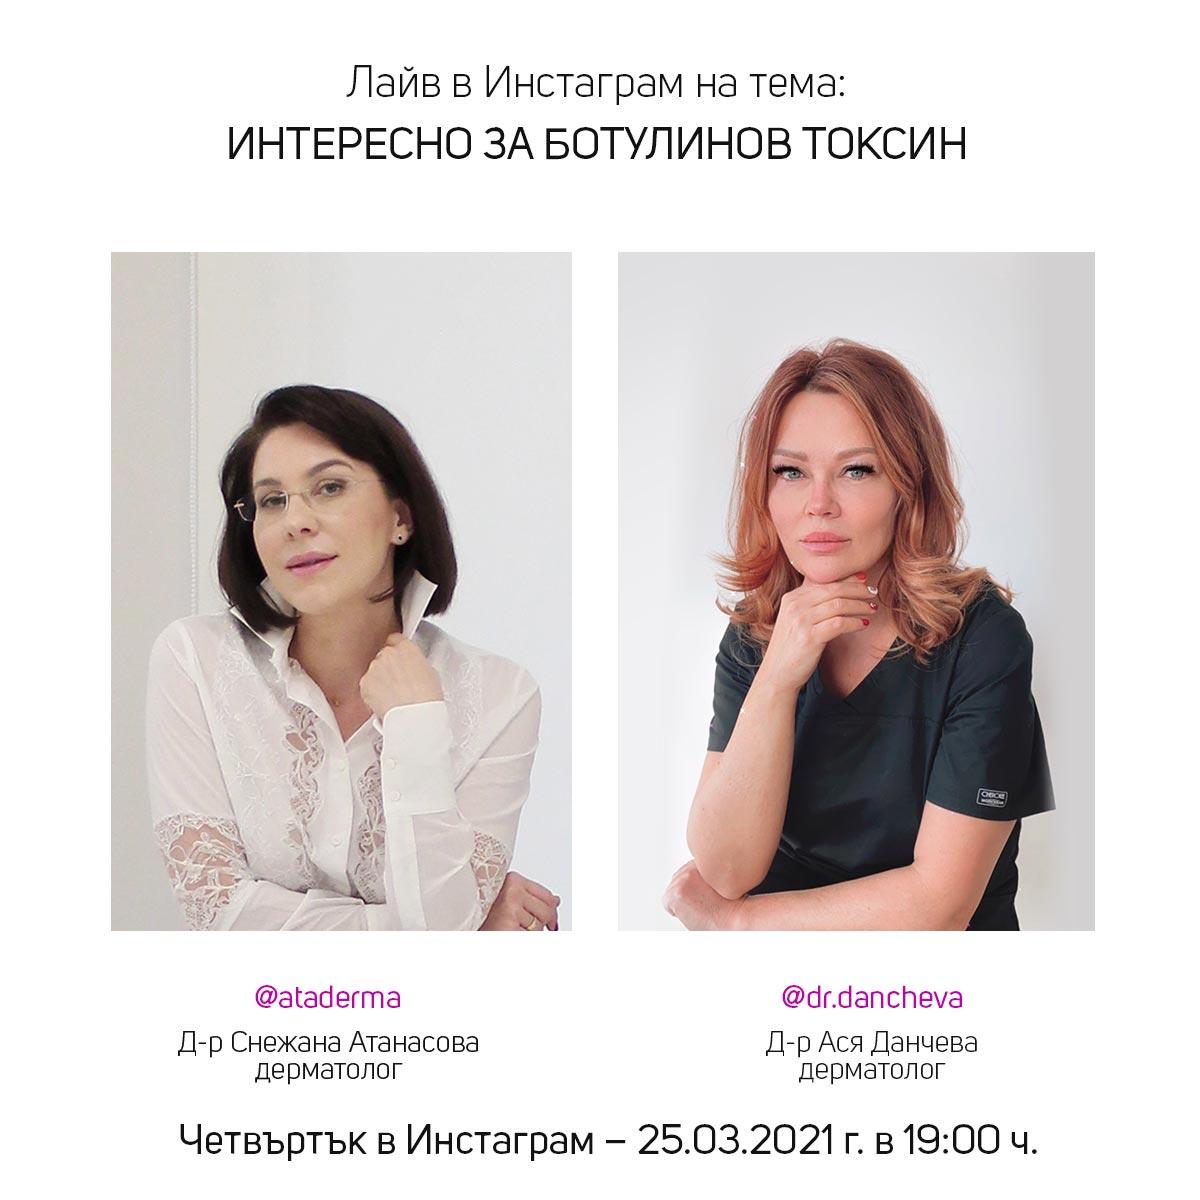 Д-р Снежана Атанасова и д-р Ася Данчева обсъждат най-интересното за ботулиновия токсин 26